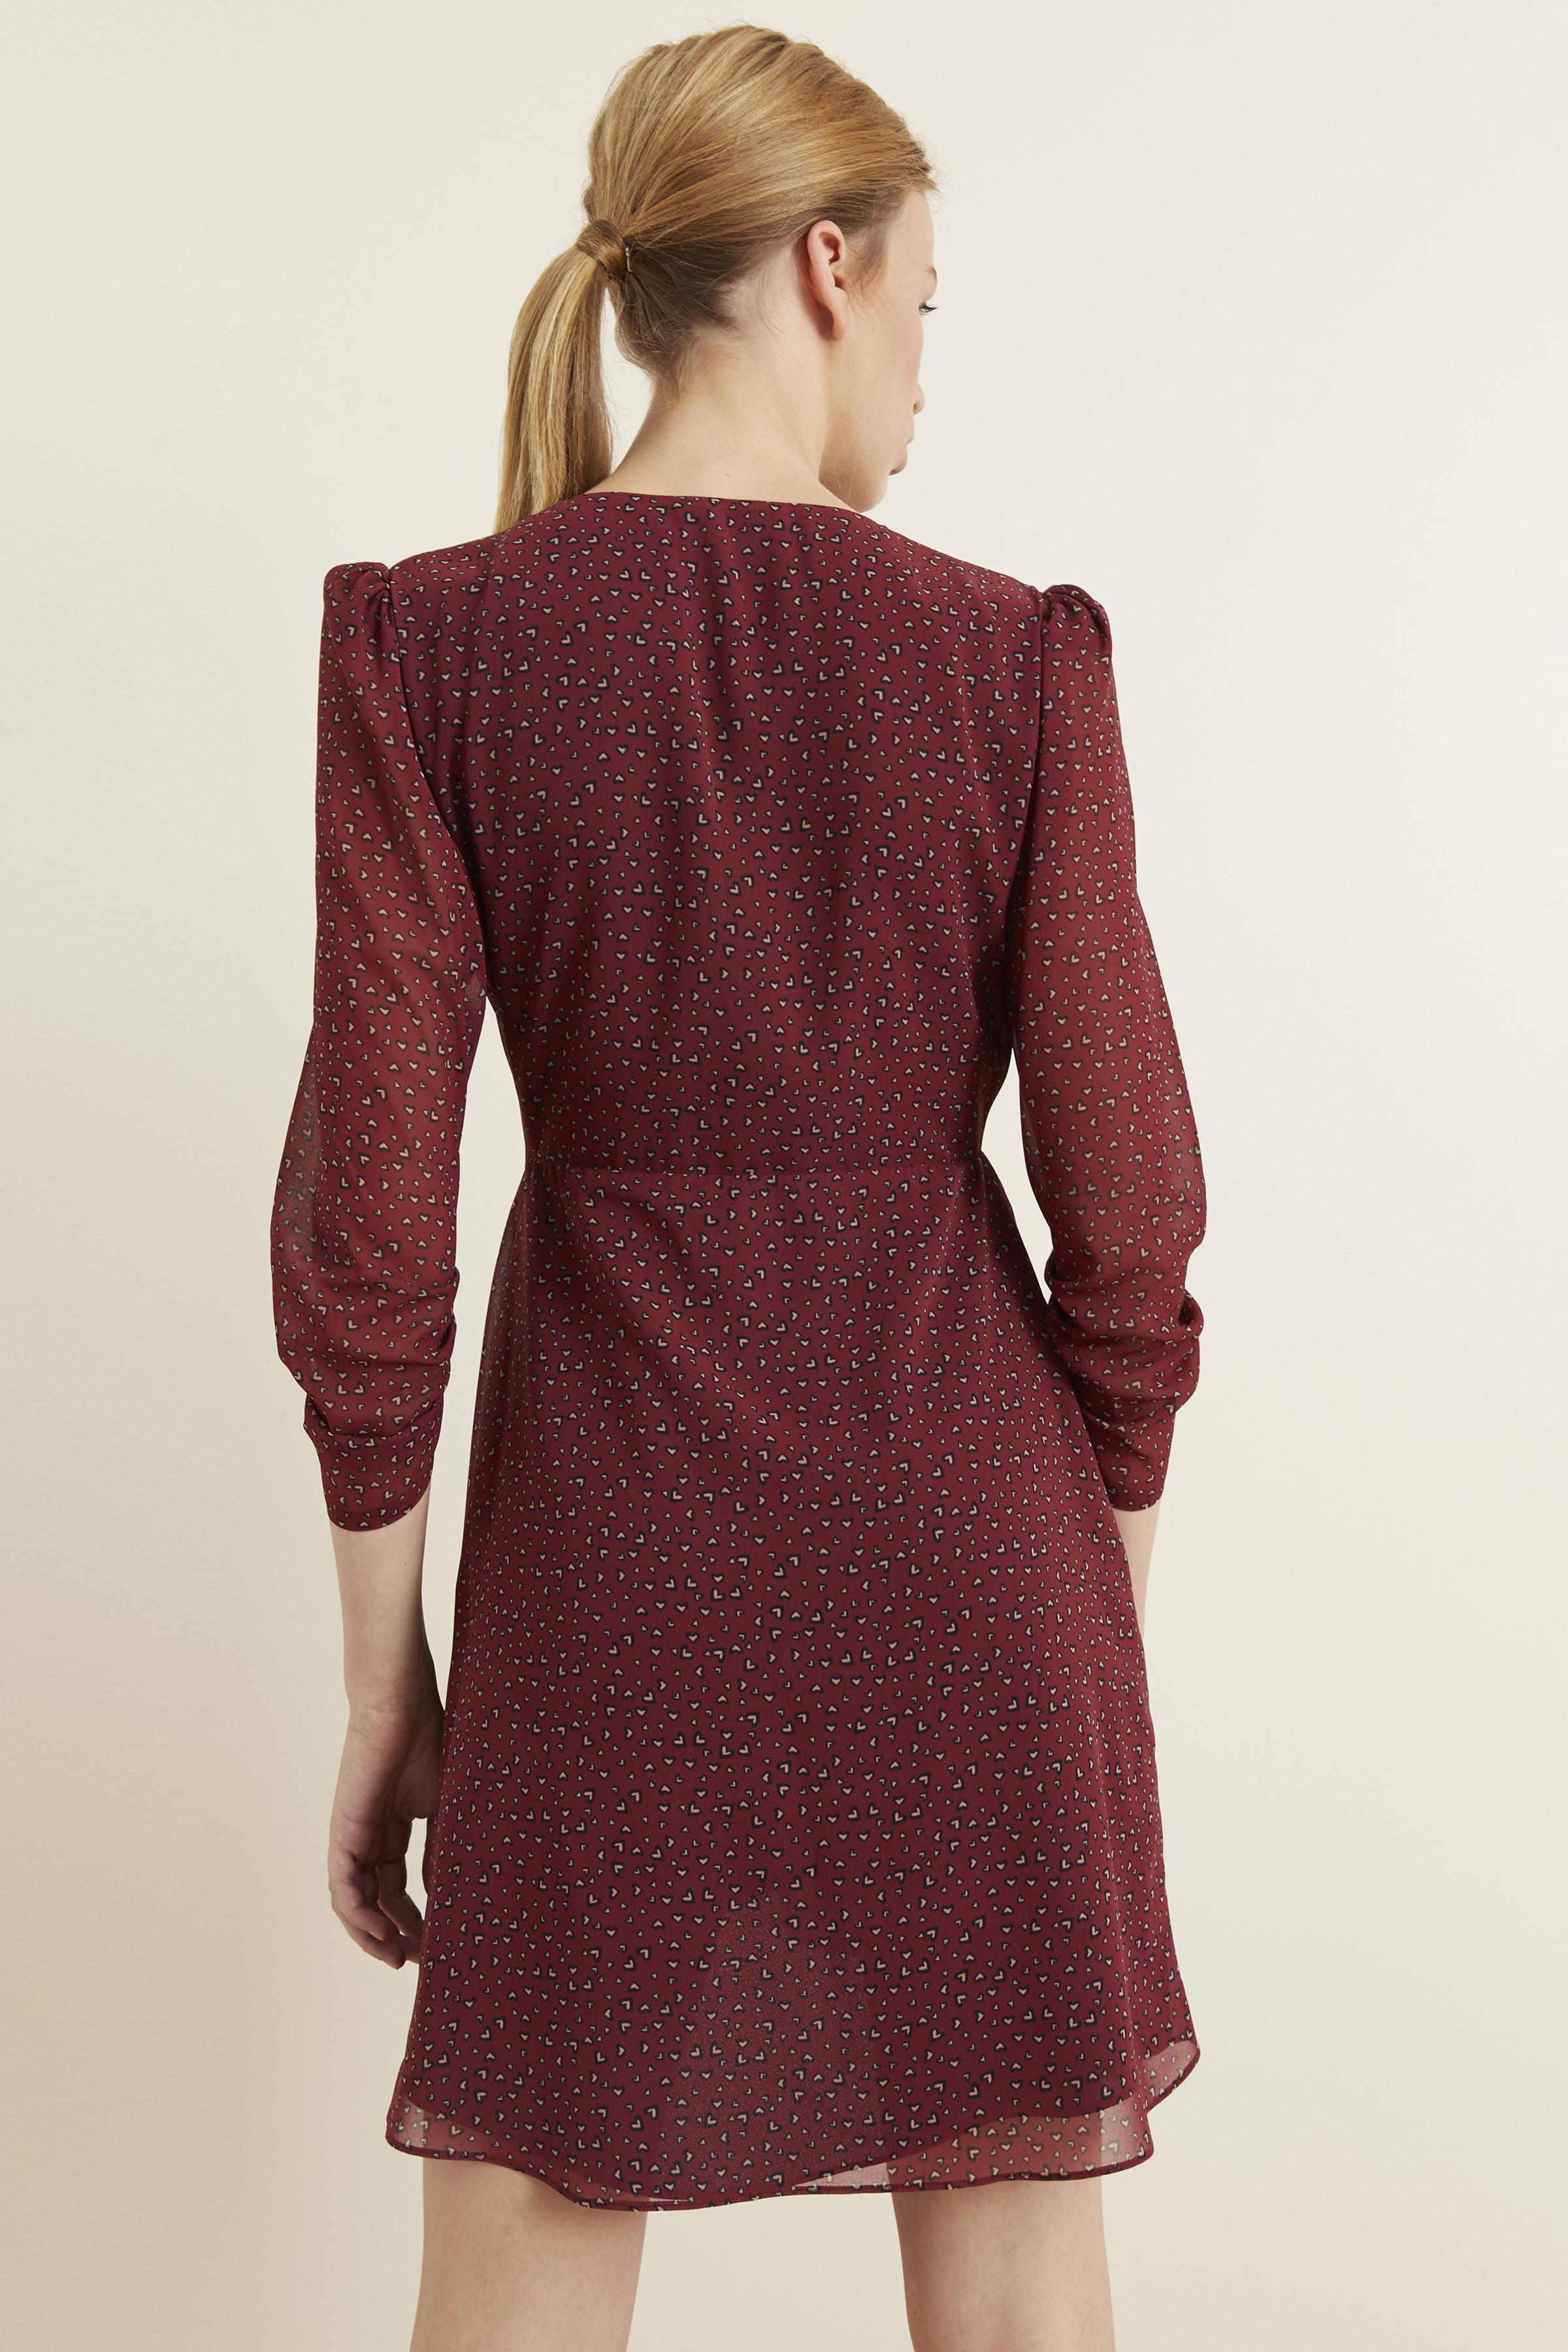 Bordo Kruvaze Desenli Şifon Elbise